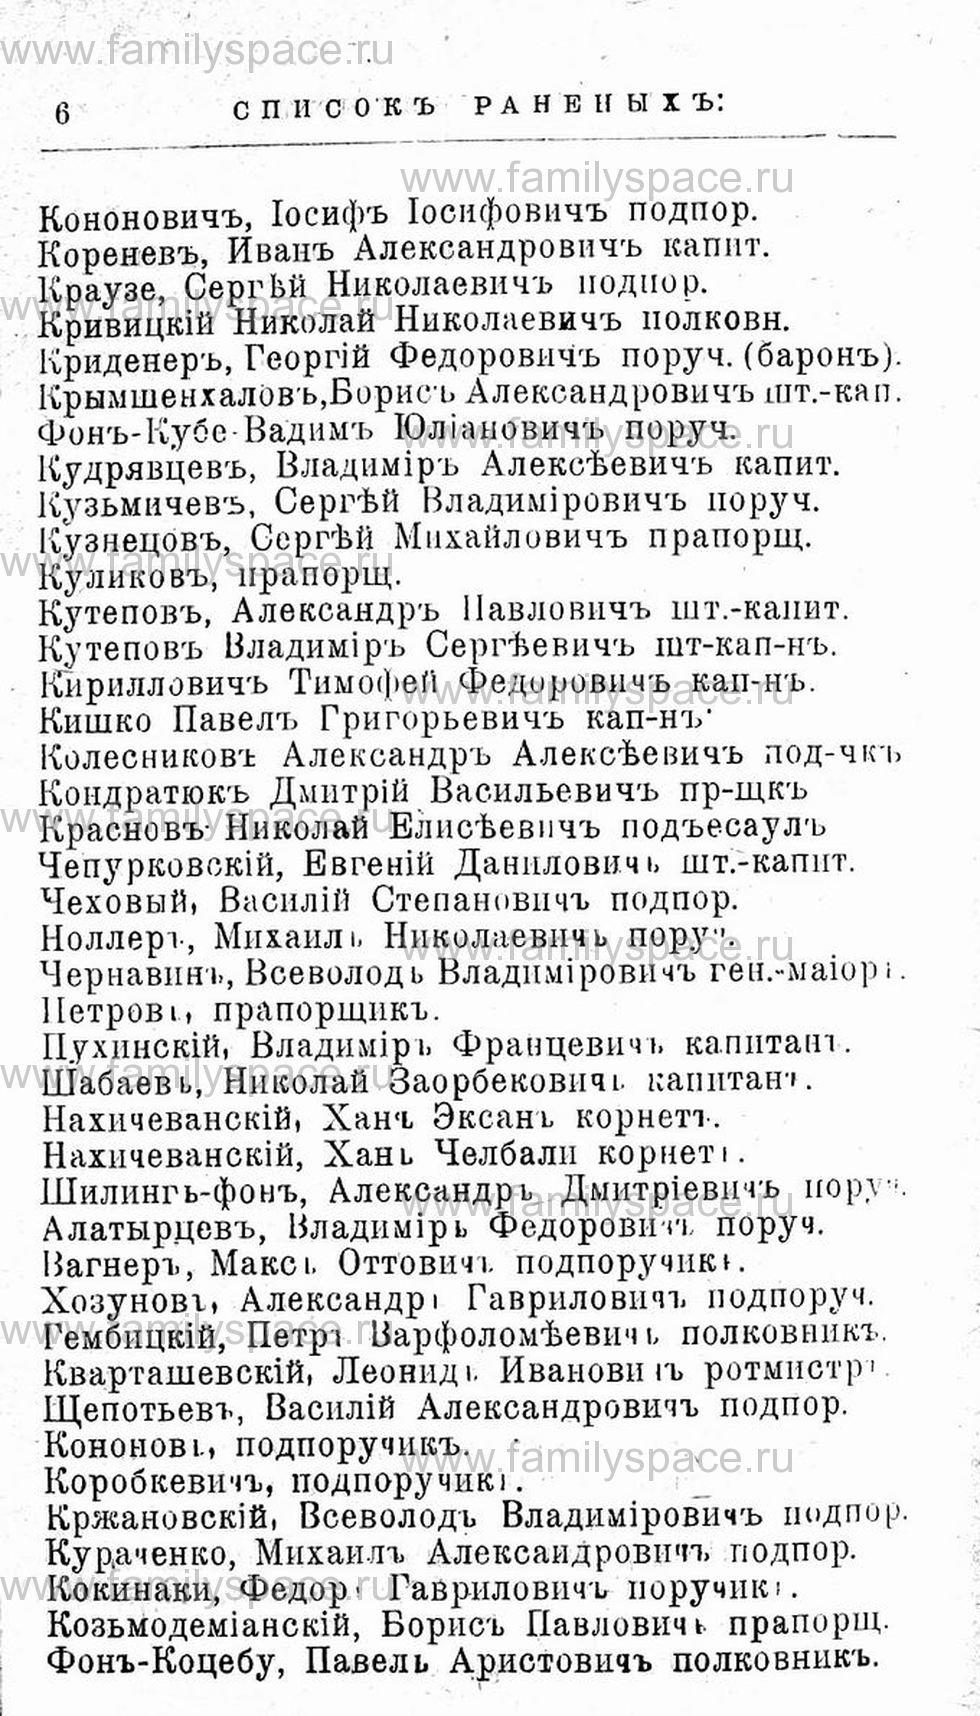 Поиск по фамилии - Первая мировая война - 1914 (списки убитых и раненых), страница 6